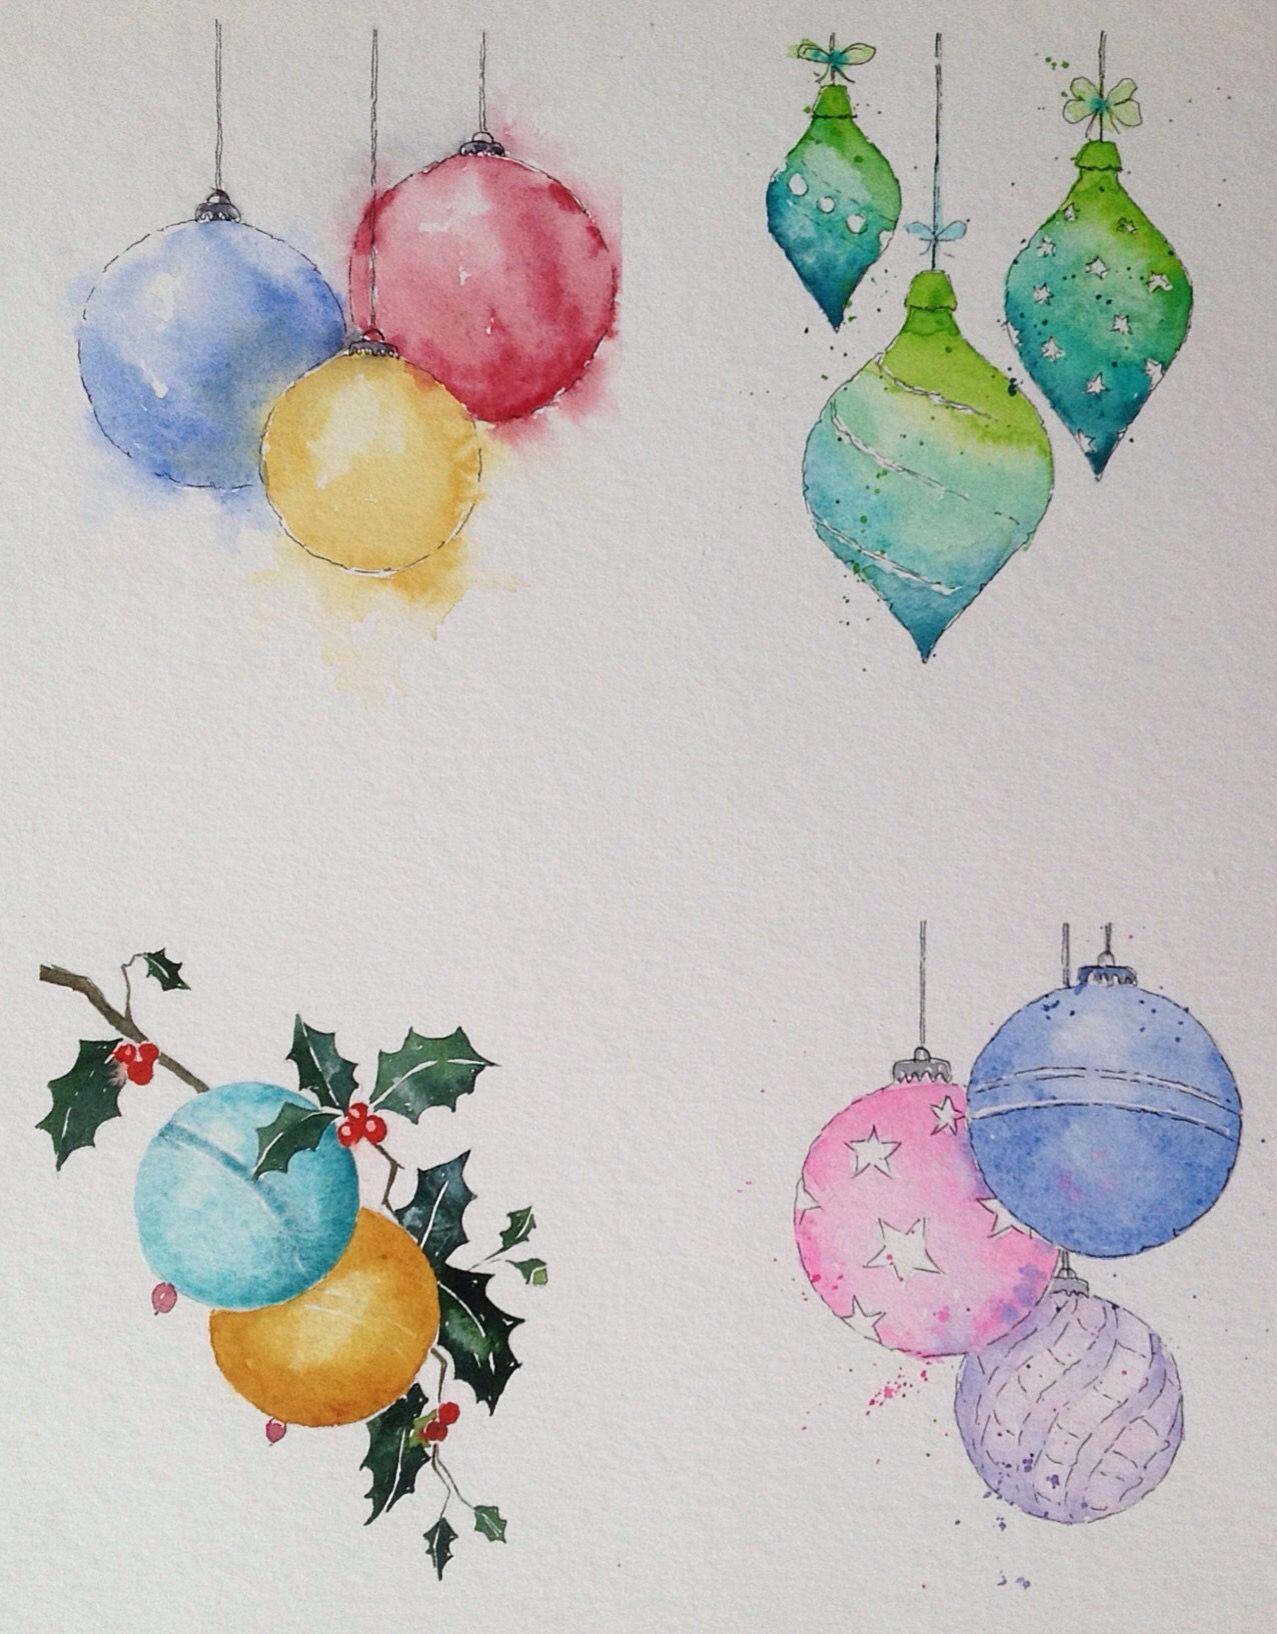 Милана, очень красивые новогодние открытки акварель и уголь